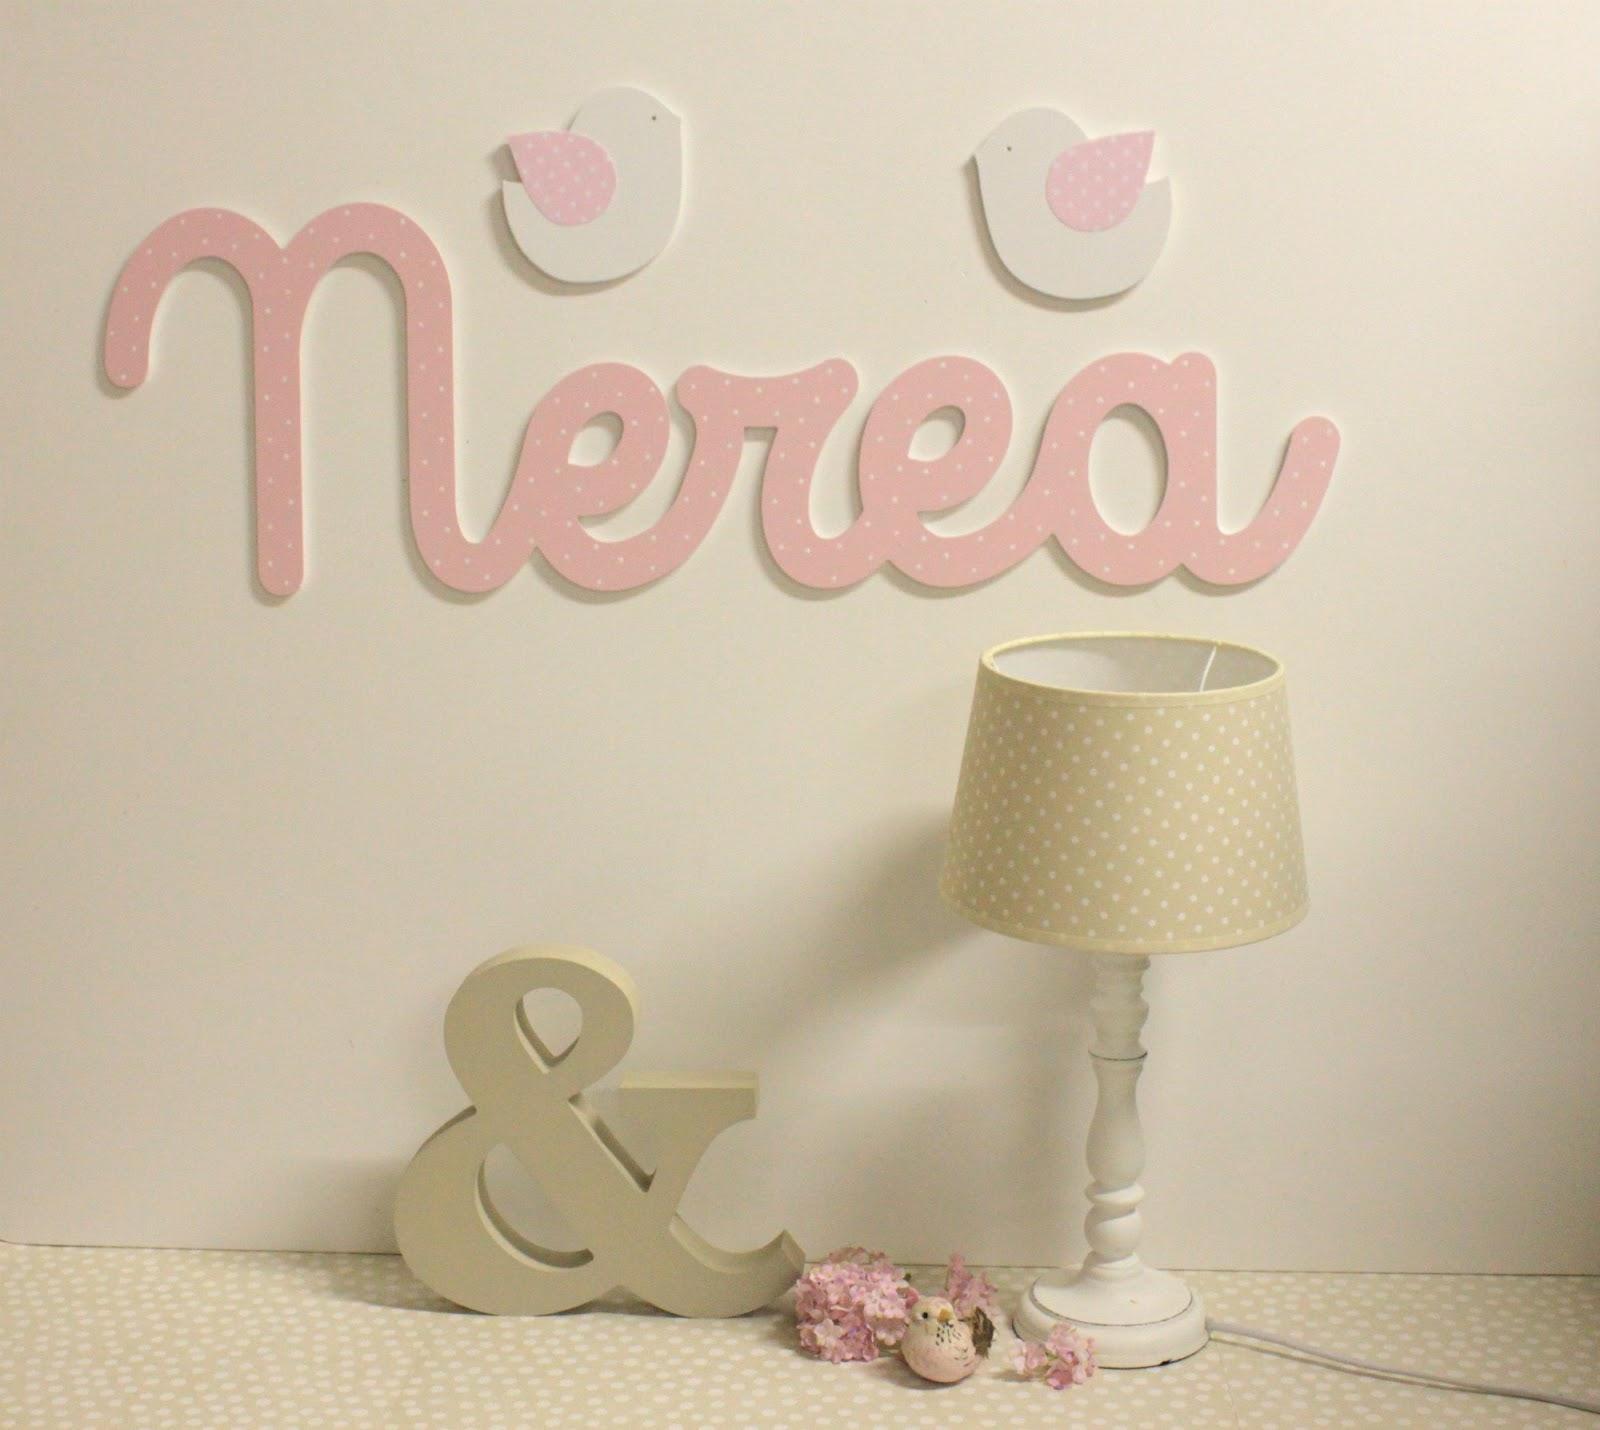 Letras y nombres infantiles para decorar decoraci n - Letras infantiles para decorar ...